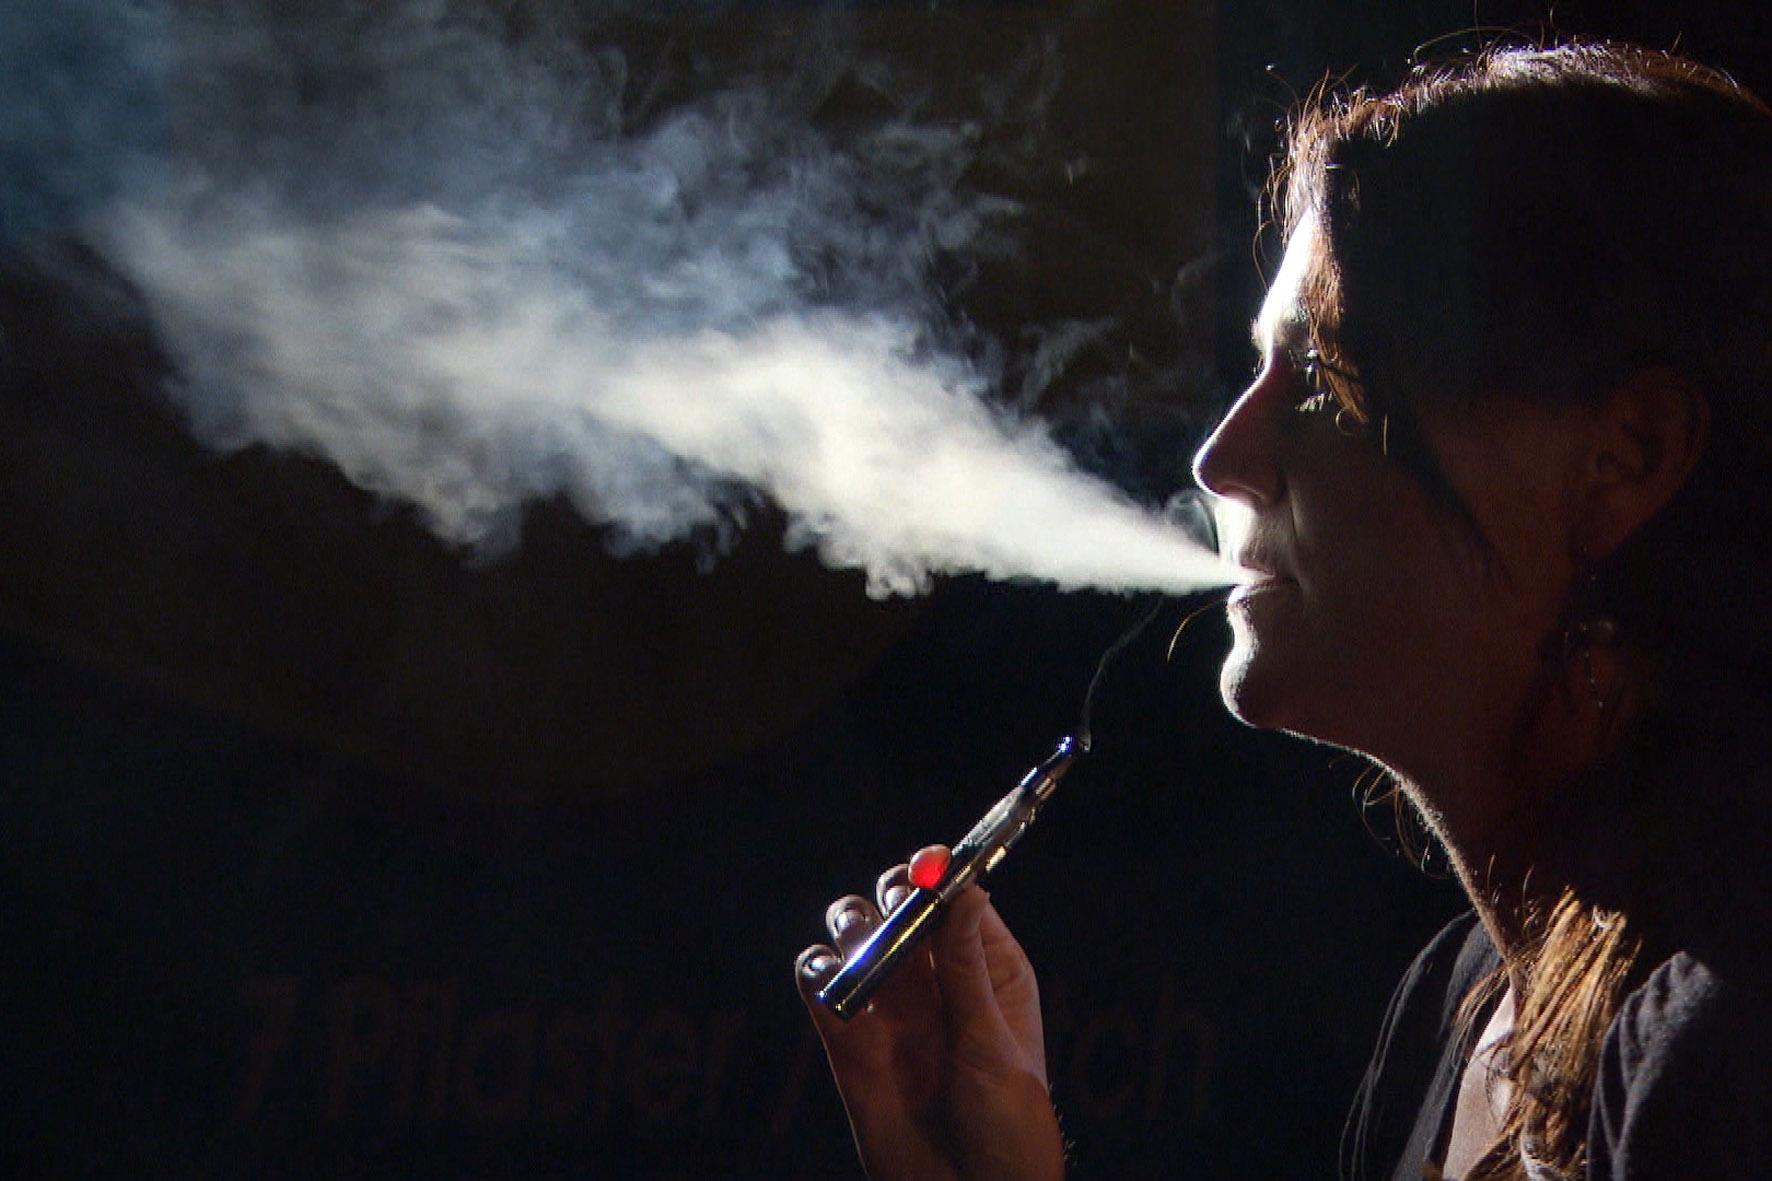 la cigarette lectronique avec nicotine devrait tre vendue en suisse selon une tude. Black Bedroom Furniture Sets. Home Design Ideas